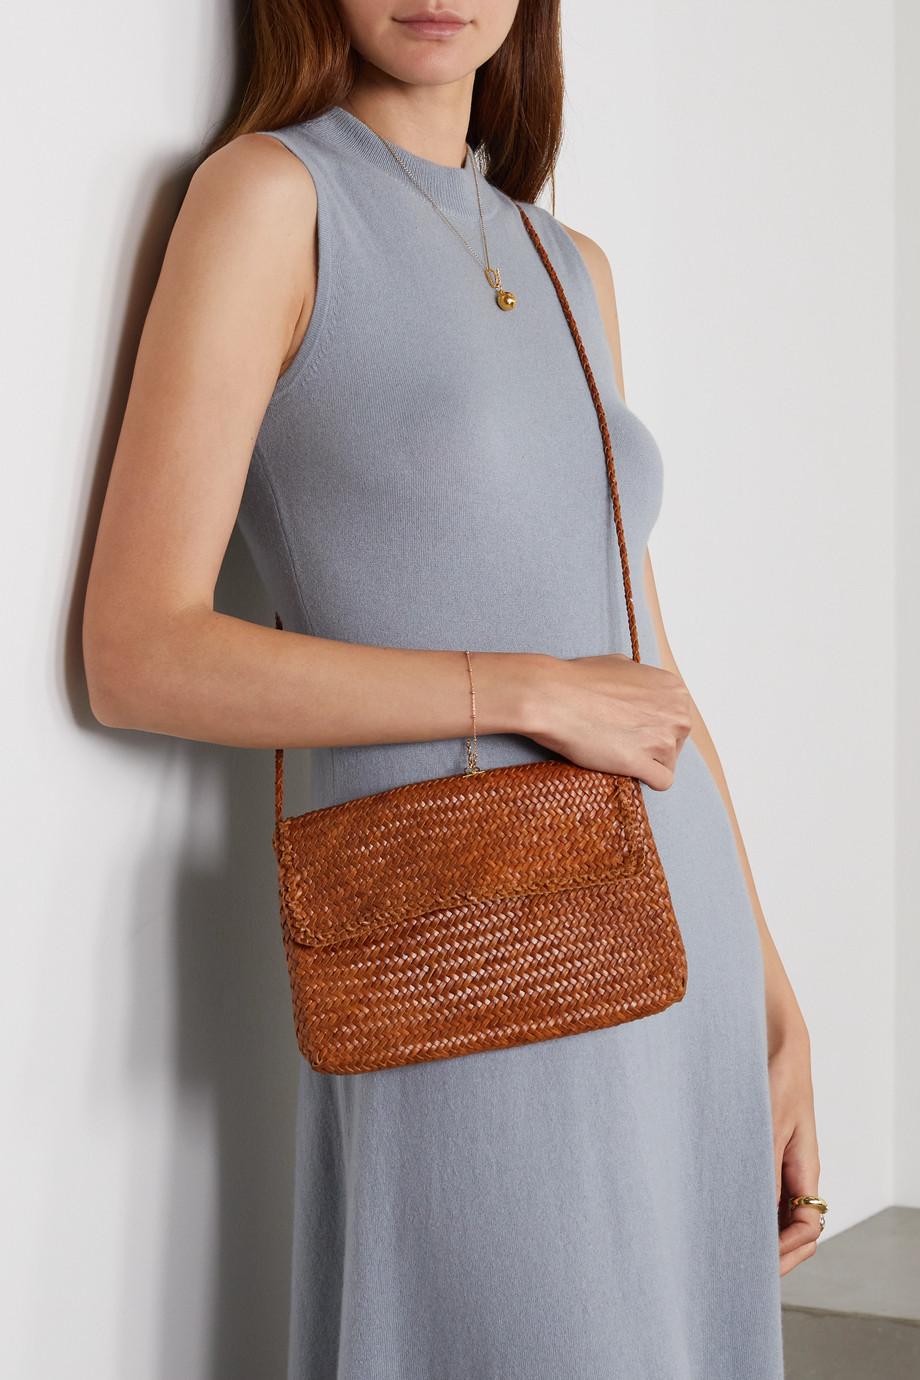 Dragon Diffusion Polo Pochette small woven leather shoulder bag